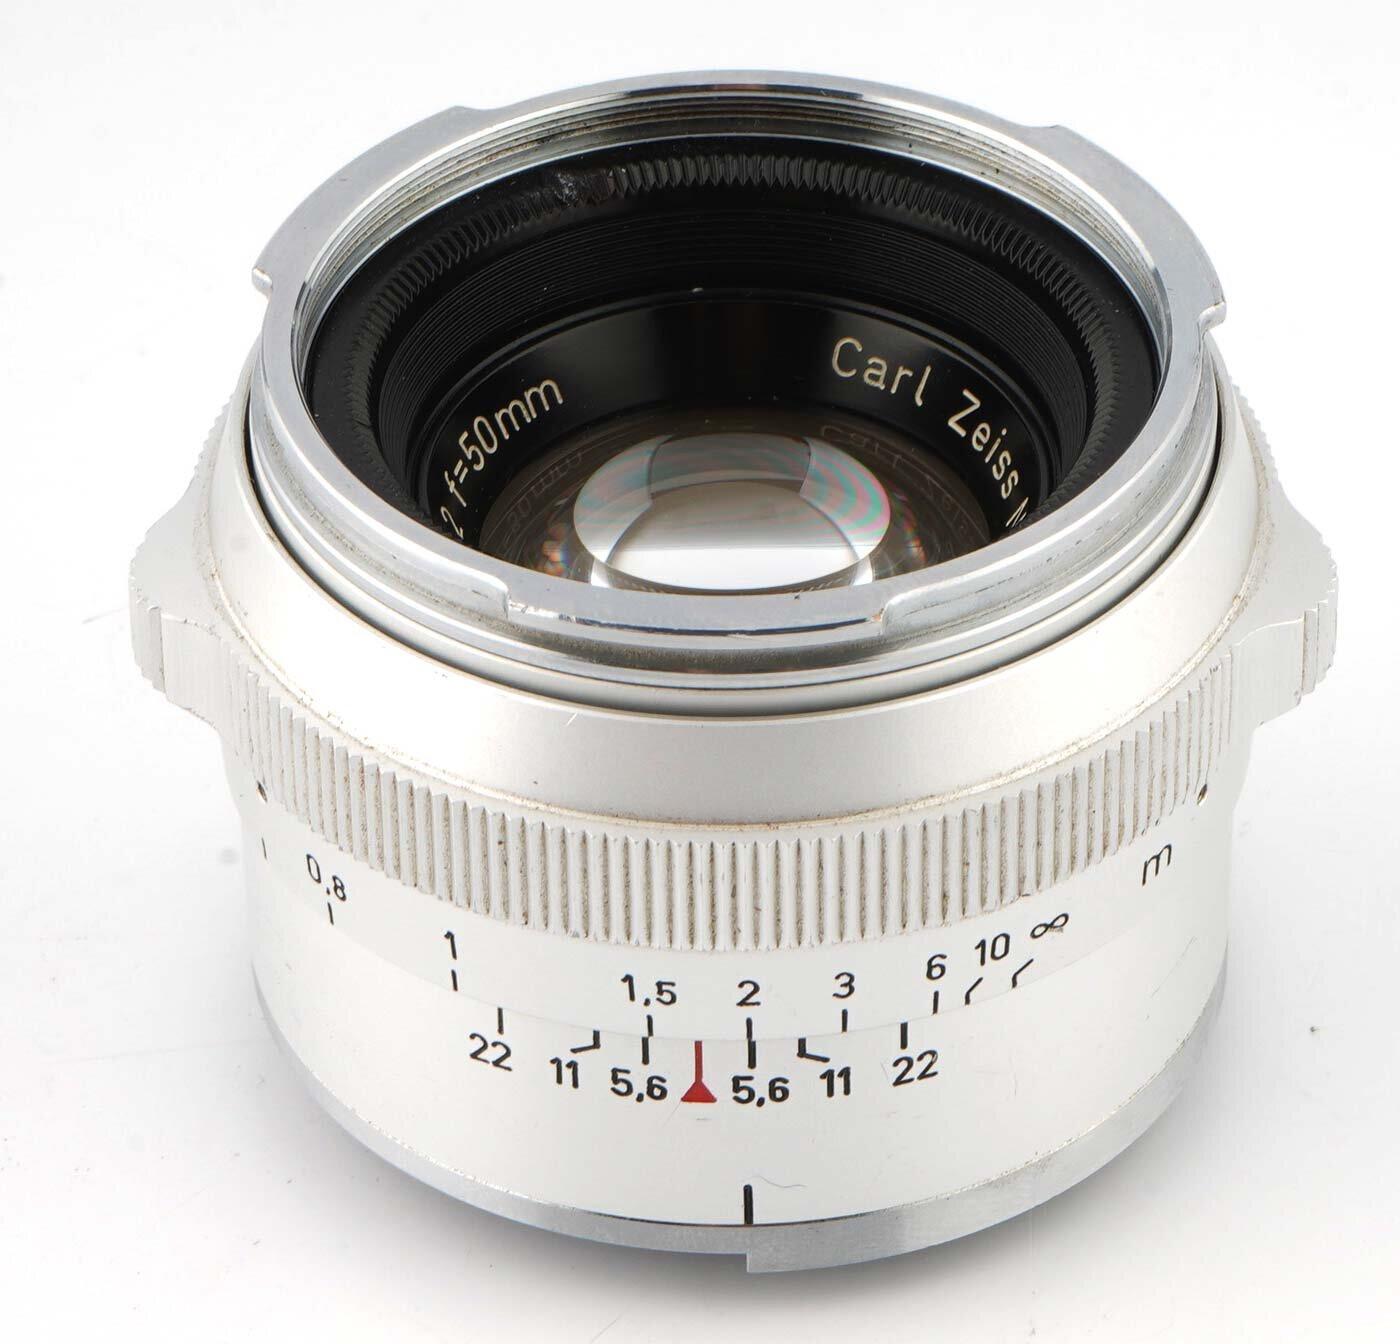 Carl Zeiss Planar 50mm F2 für Contarex